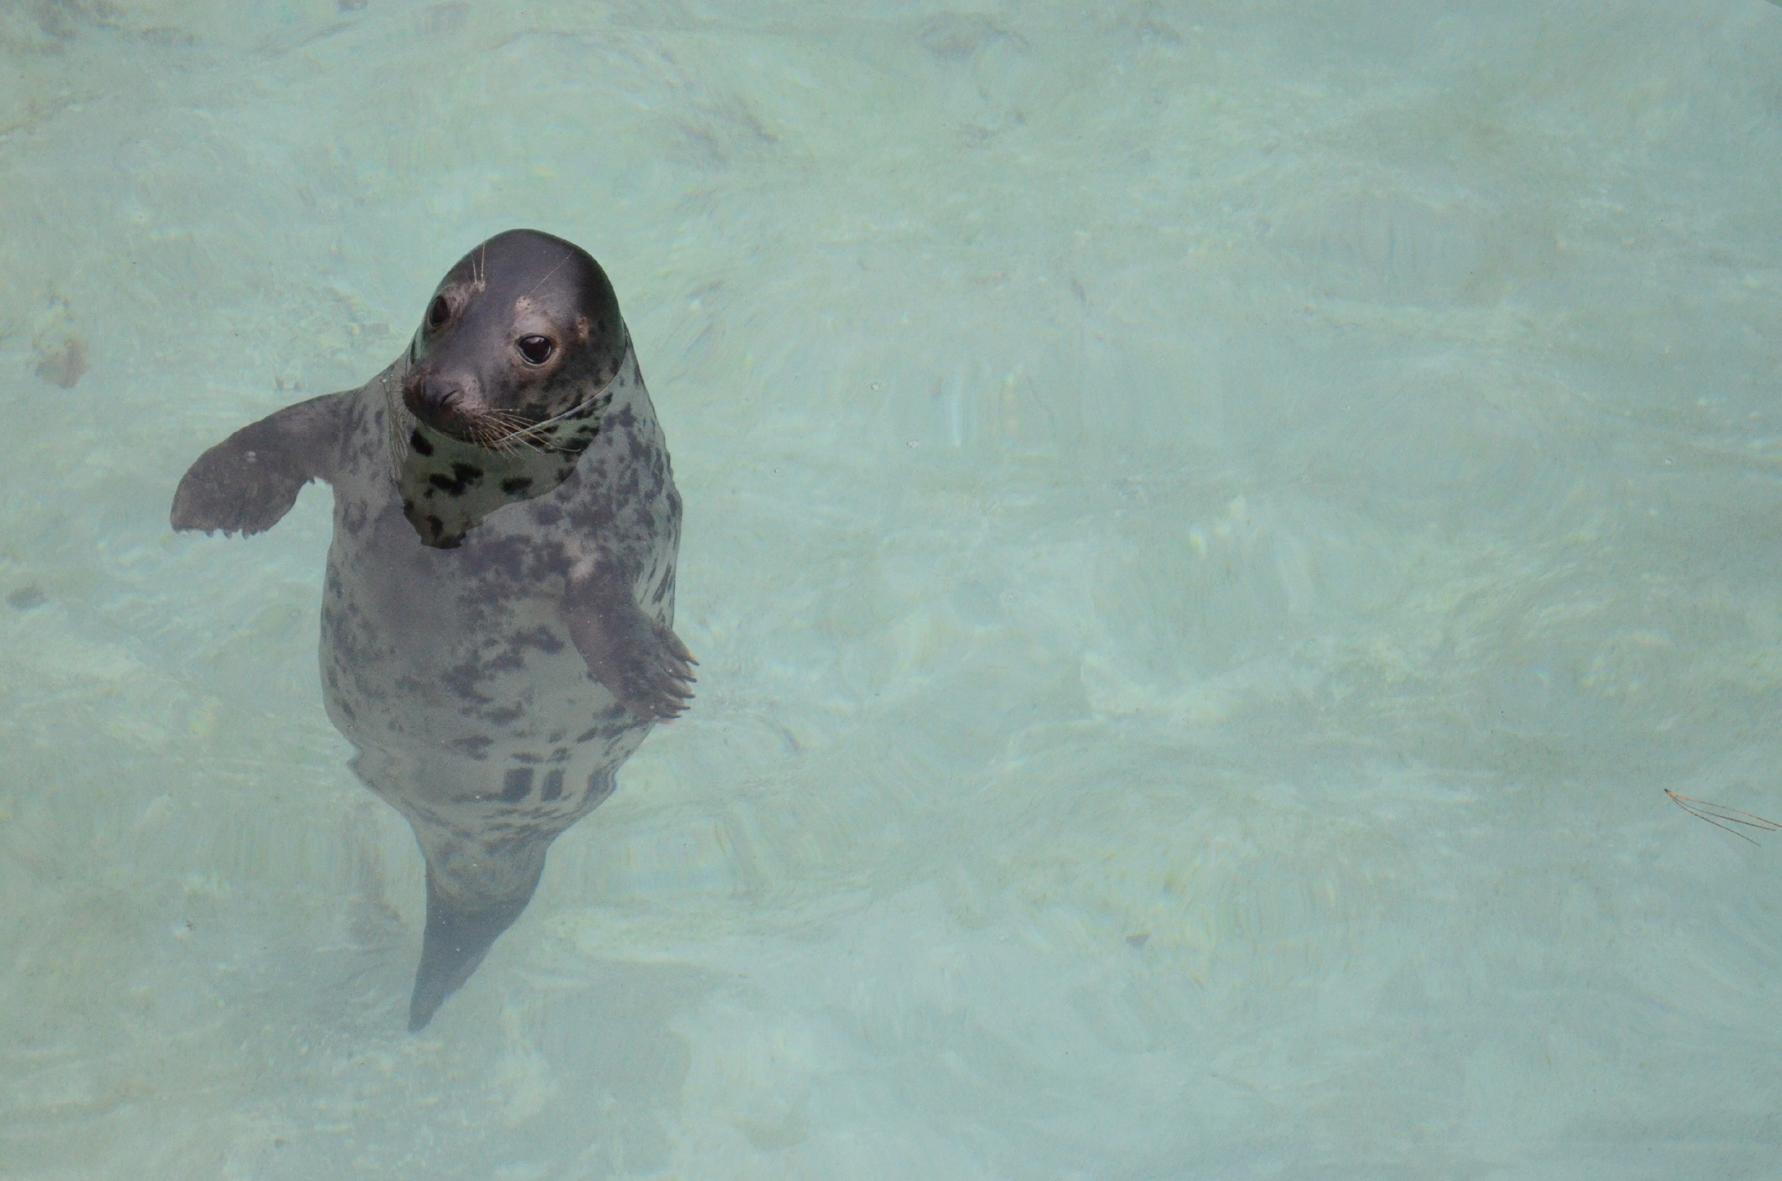 Seal Pup, Gweek